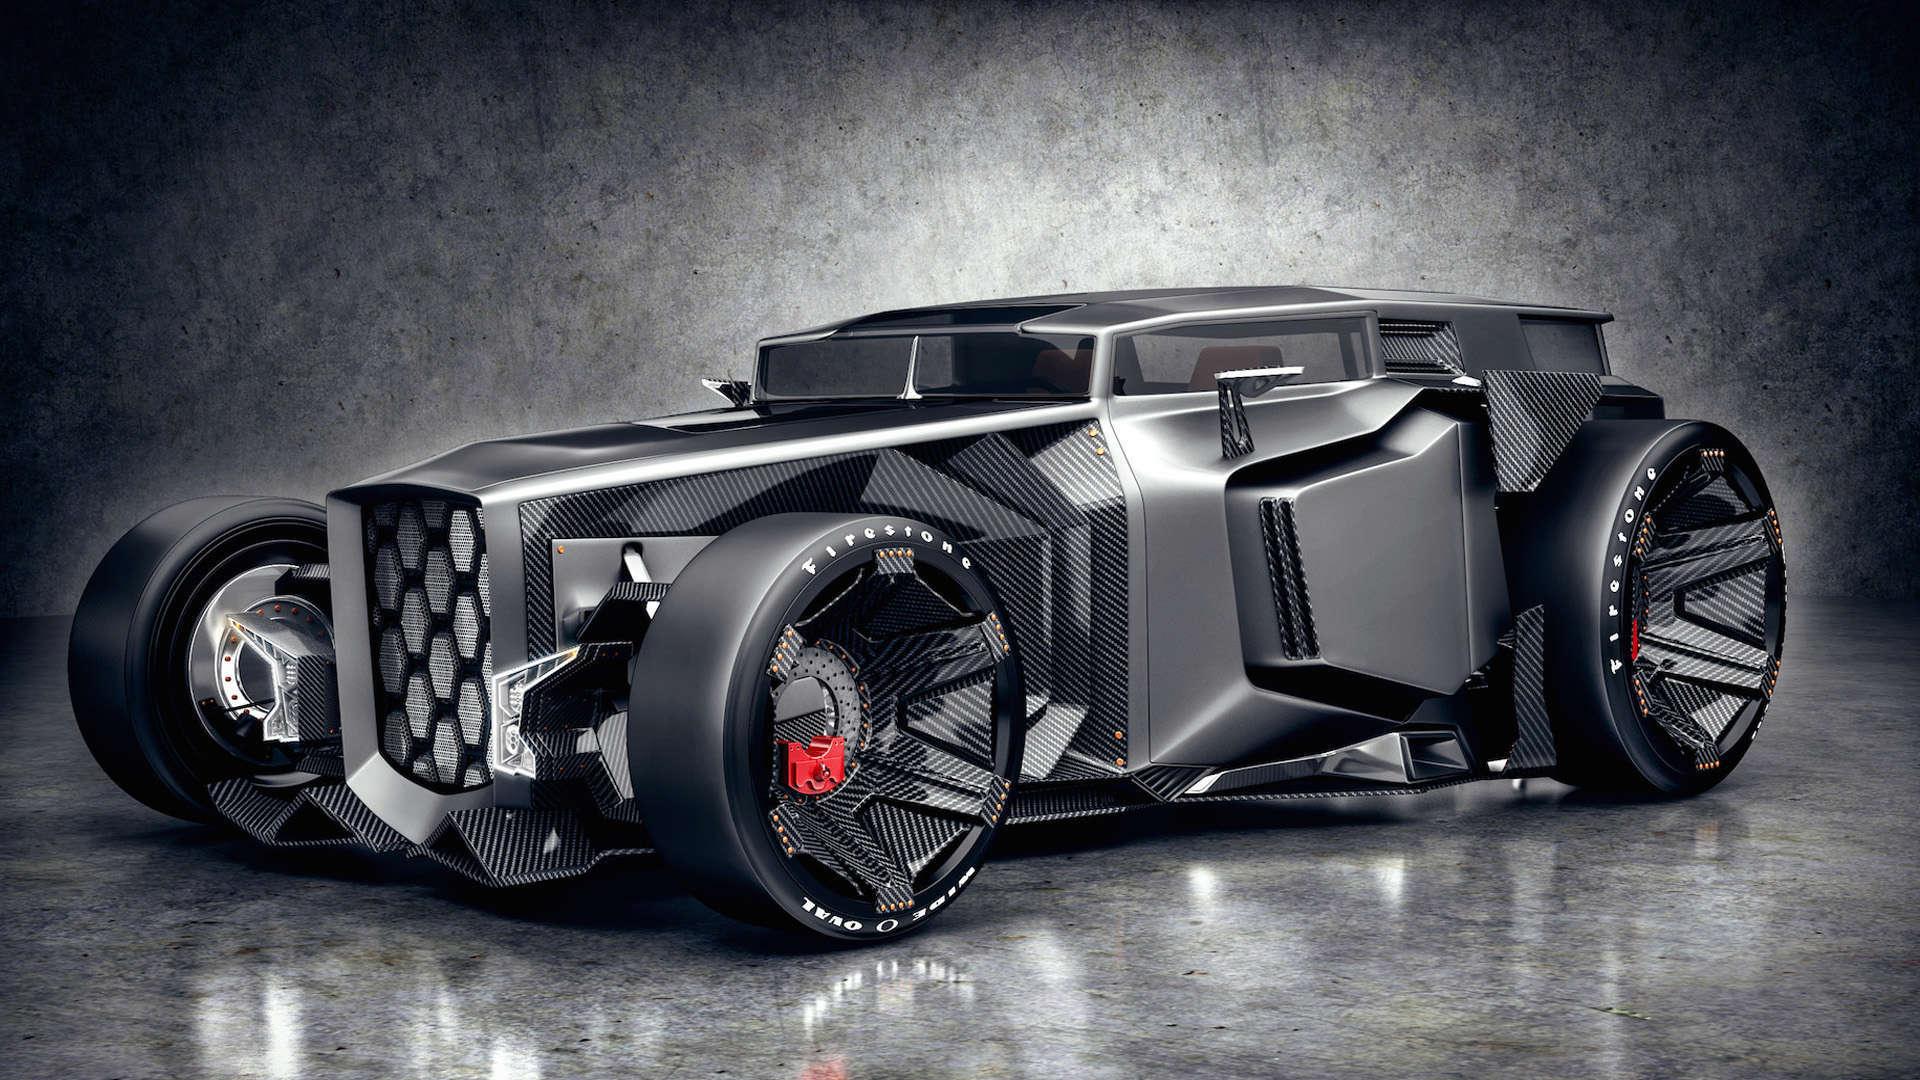 Lamborghini Rat Rod Modern Hot Rod Cars 1554036 Hd